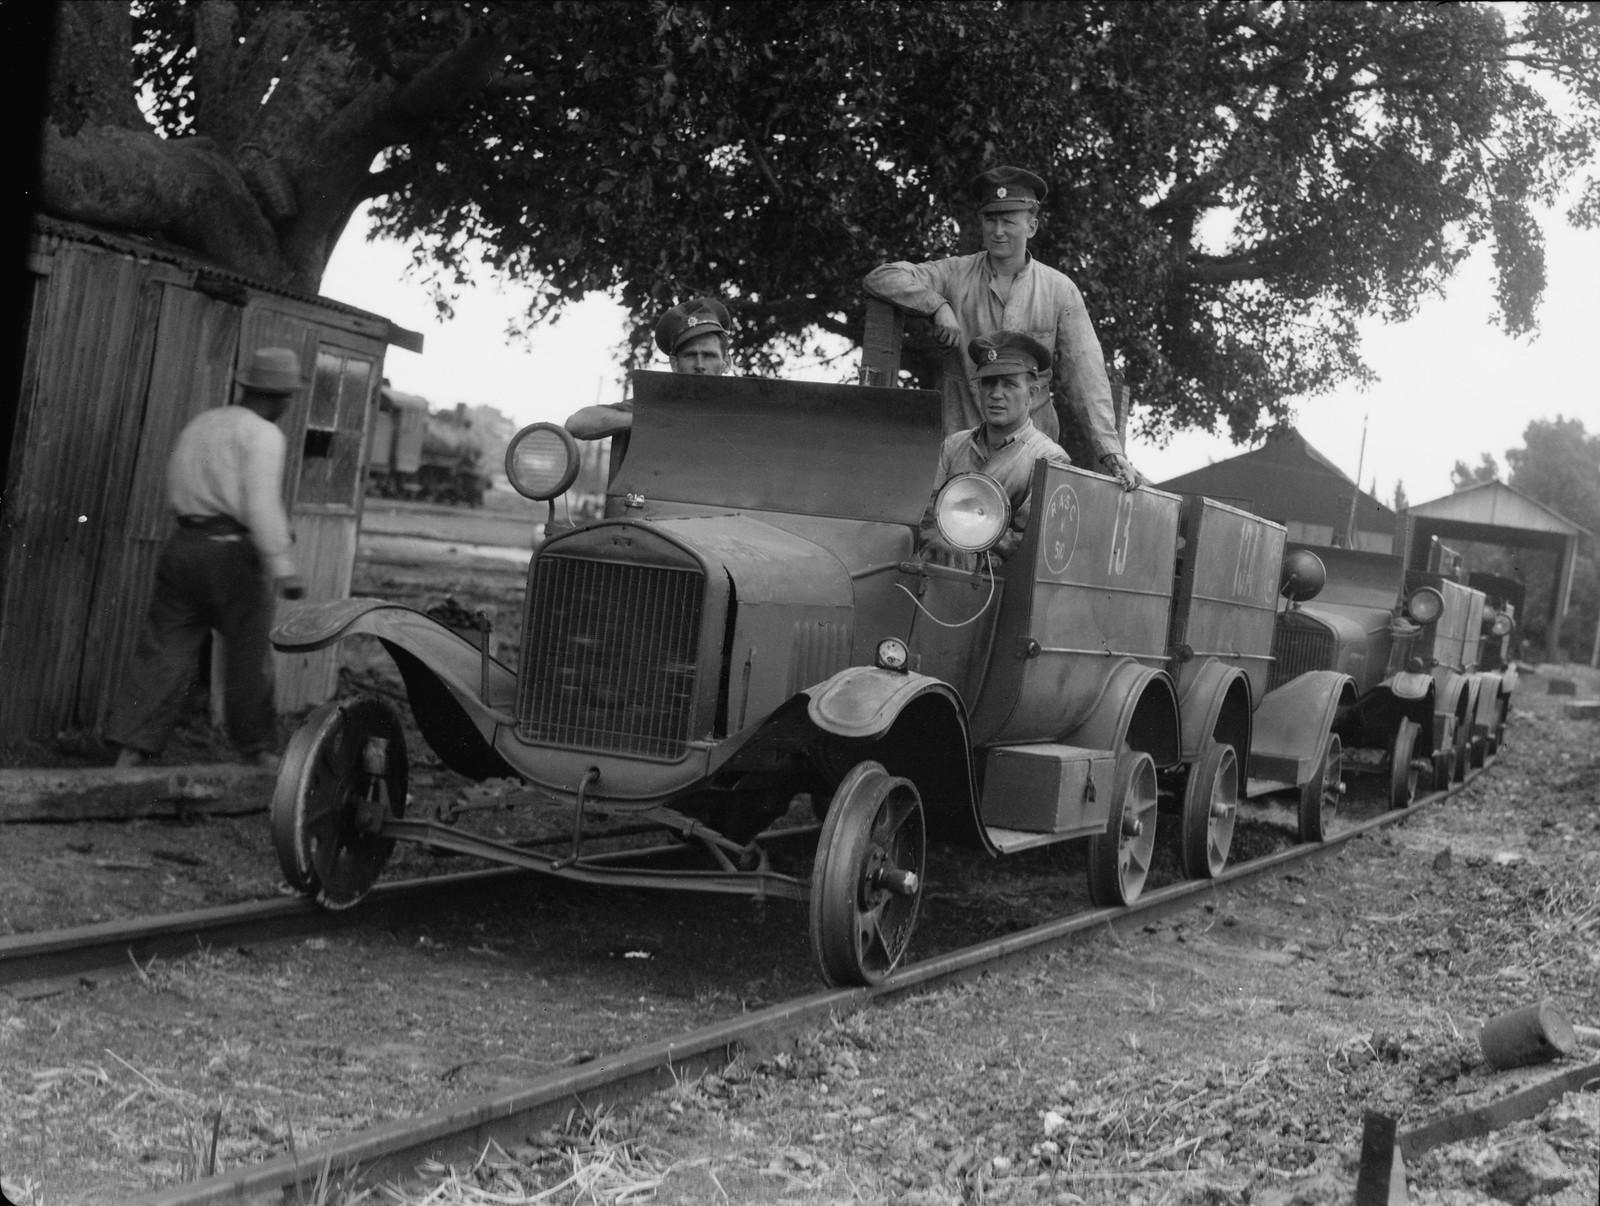 Бронемашины на палестинских железных дорогах, предшествующие пассажирским поездам